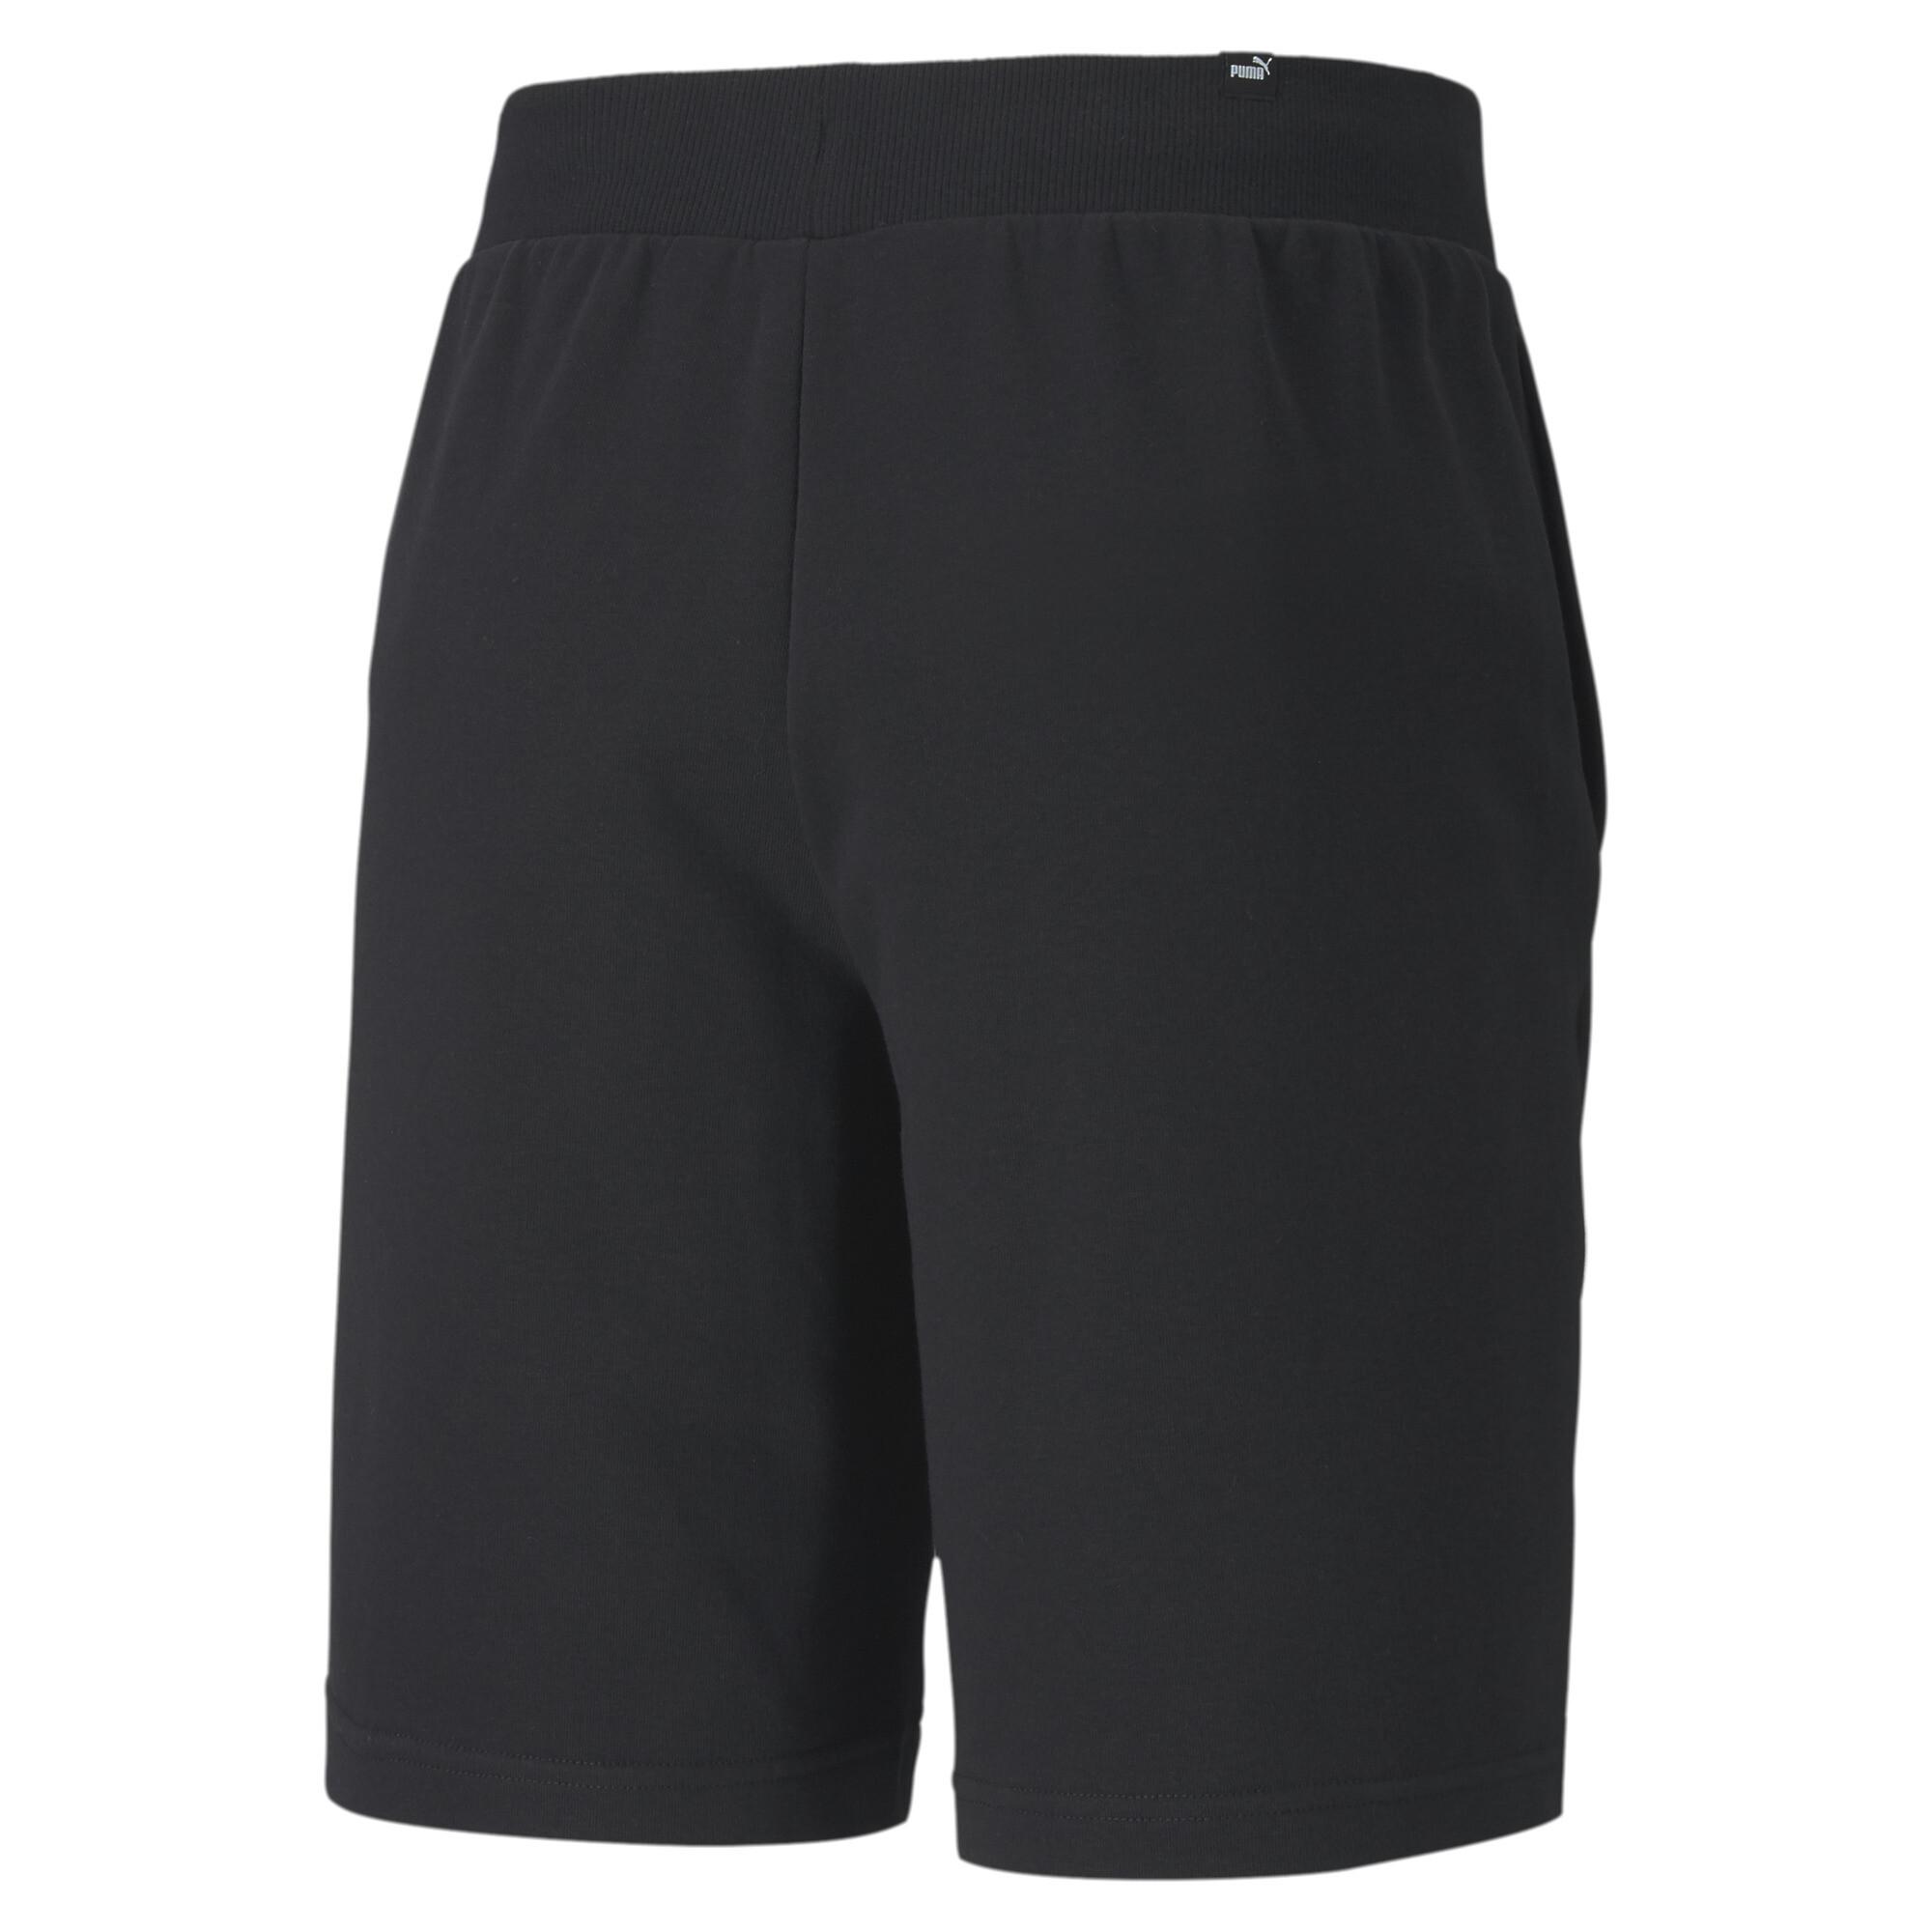 PUMA-Rebel-Block-Men-039-s-Shorts-Men-Knitted-Shorts-Basics thumbnail 3